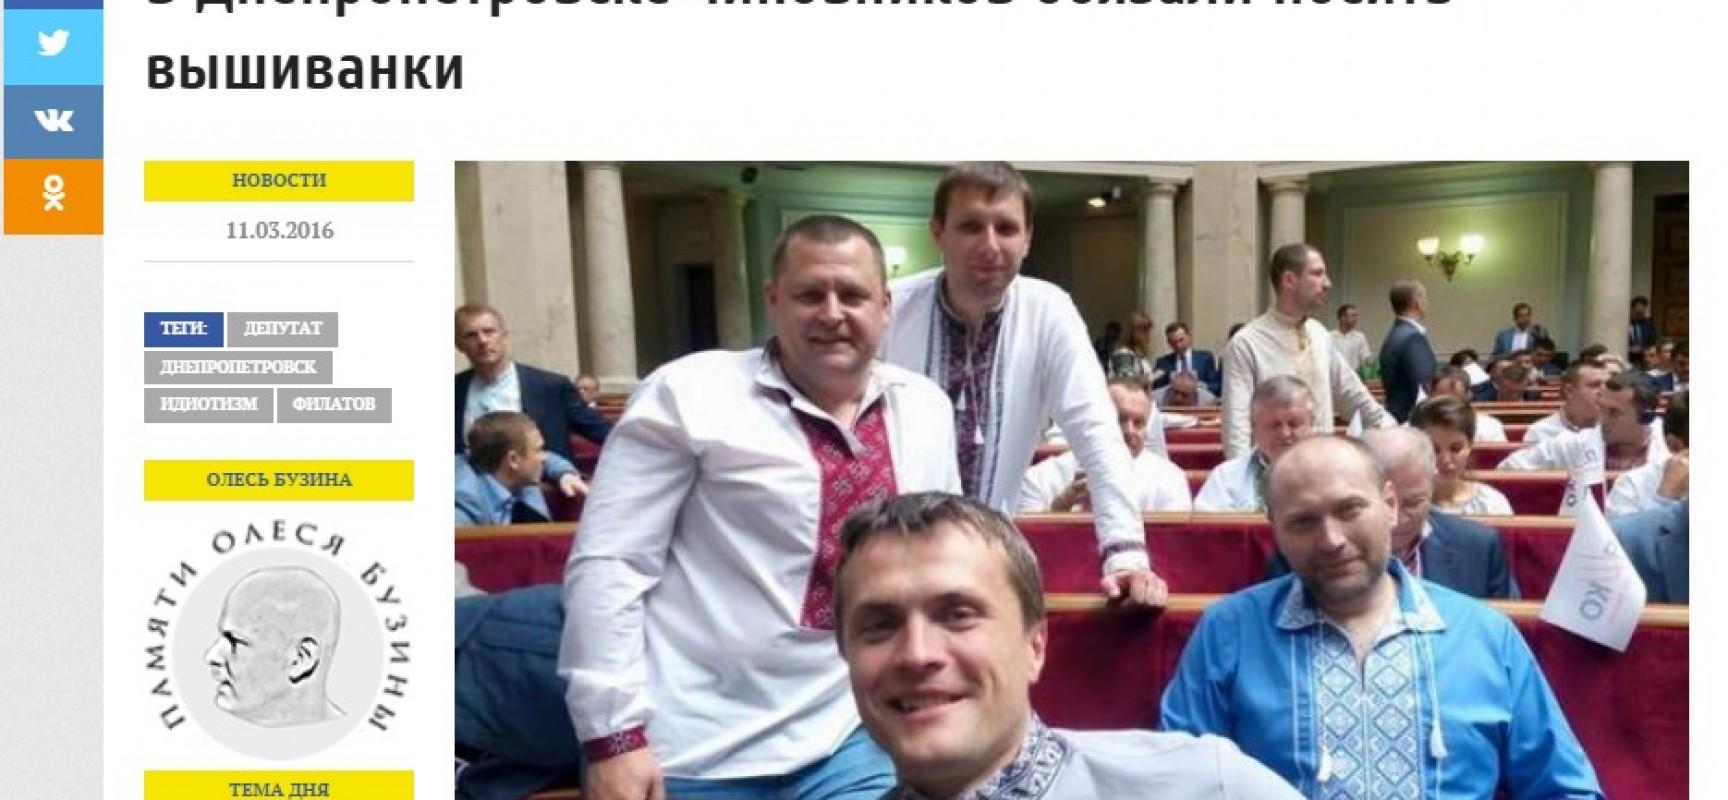 Fake: A Dnepropetrovsk i funzionari sono stati obbligati a portare la Vyshyvanka